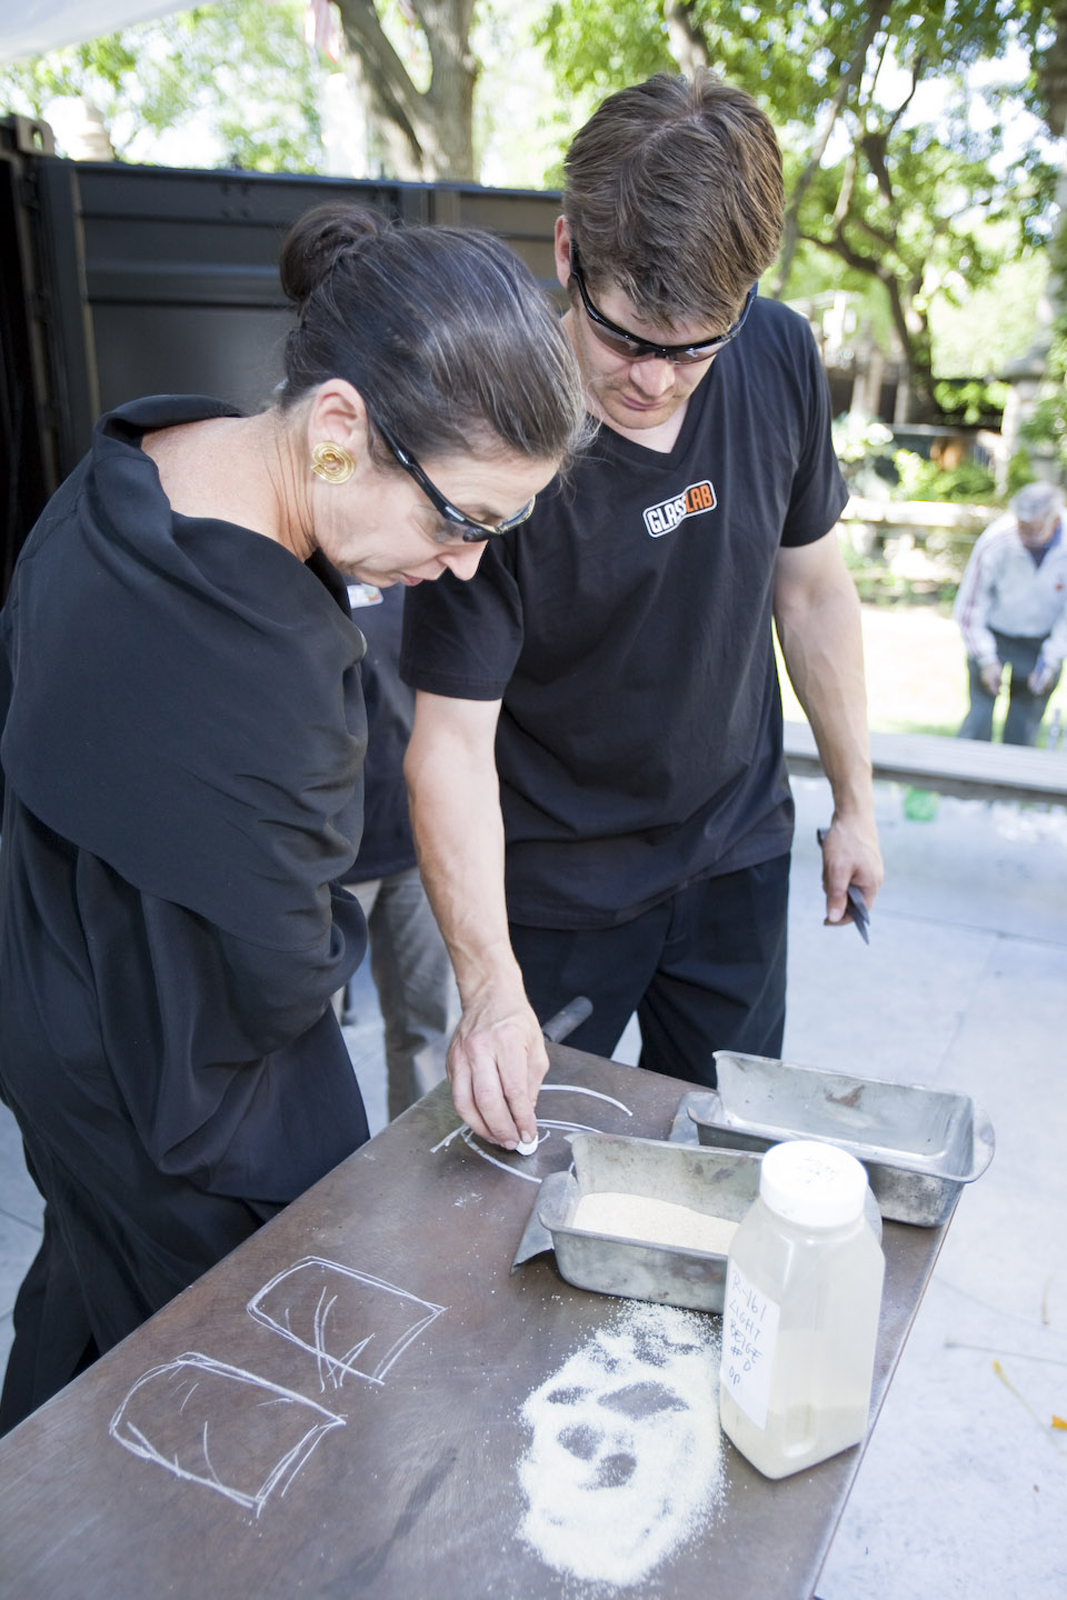 Designer Michele Oka Doner at GlassLab